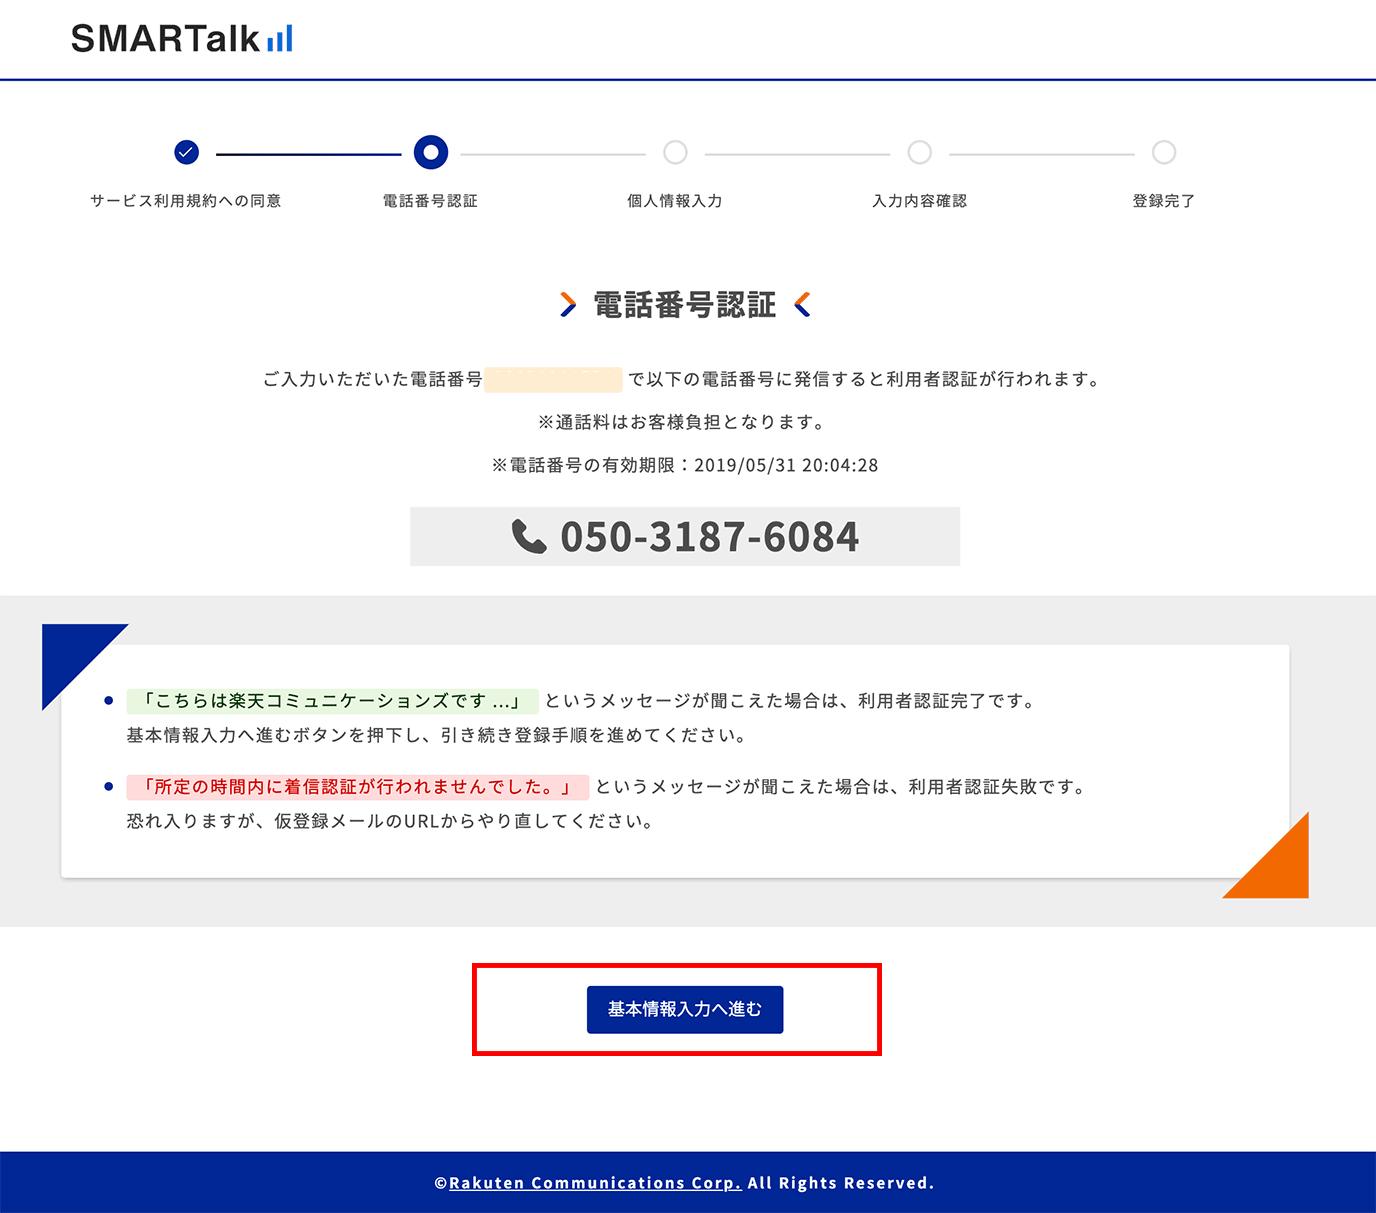 サイトに戻り「基本情報入力へ進む」をクリックします